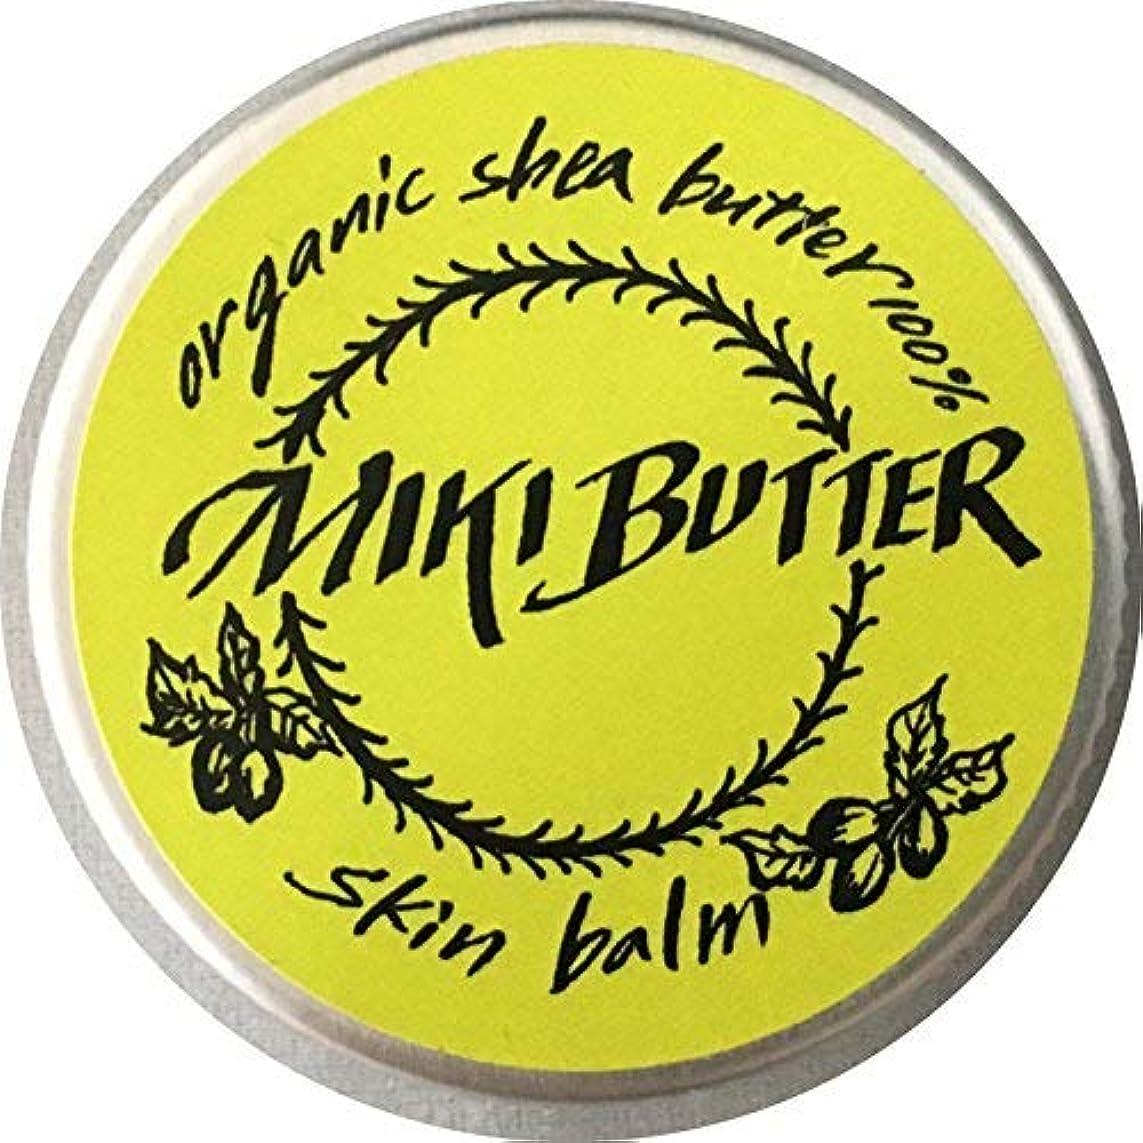 詳細なソート目立つ100% 天然 未精製シアバター ミキバター (パール柑, 15)